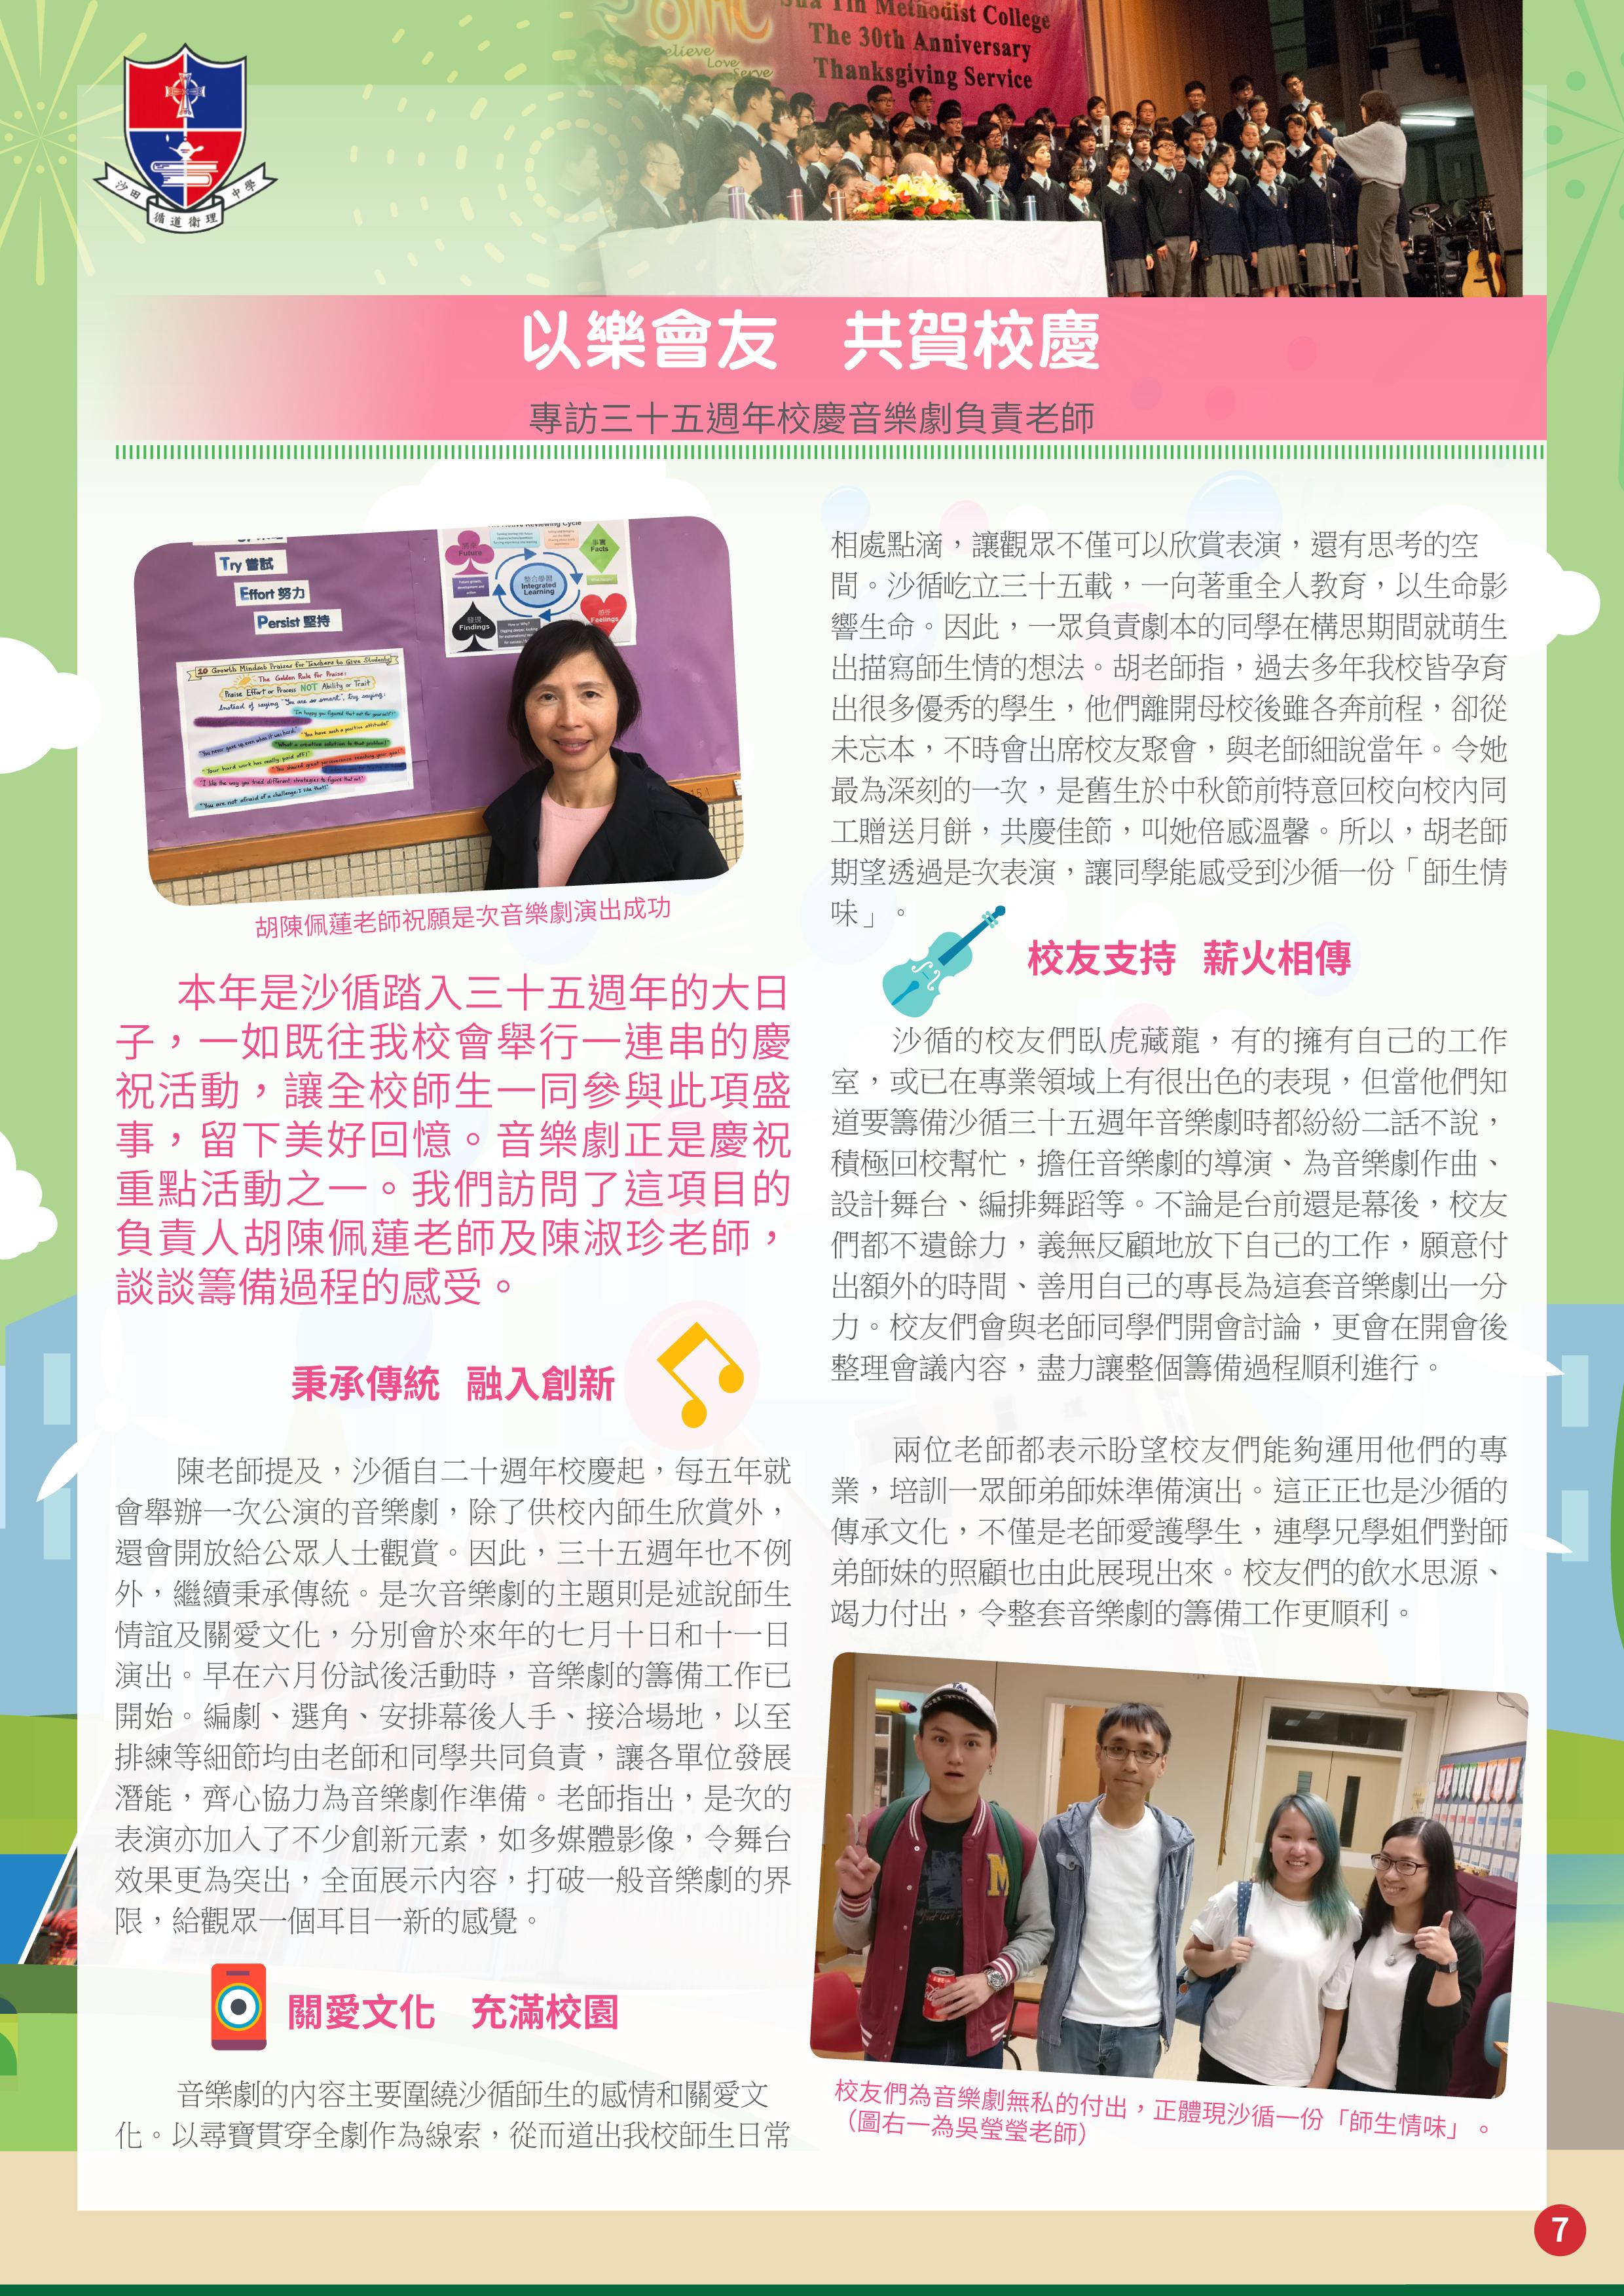 STMC Newsletter 2018-2-7